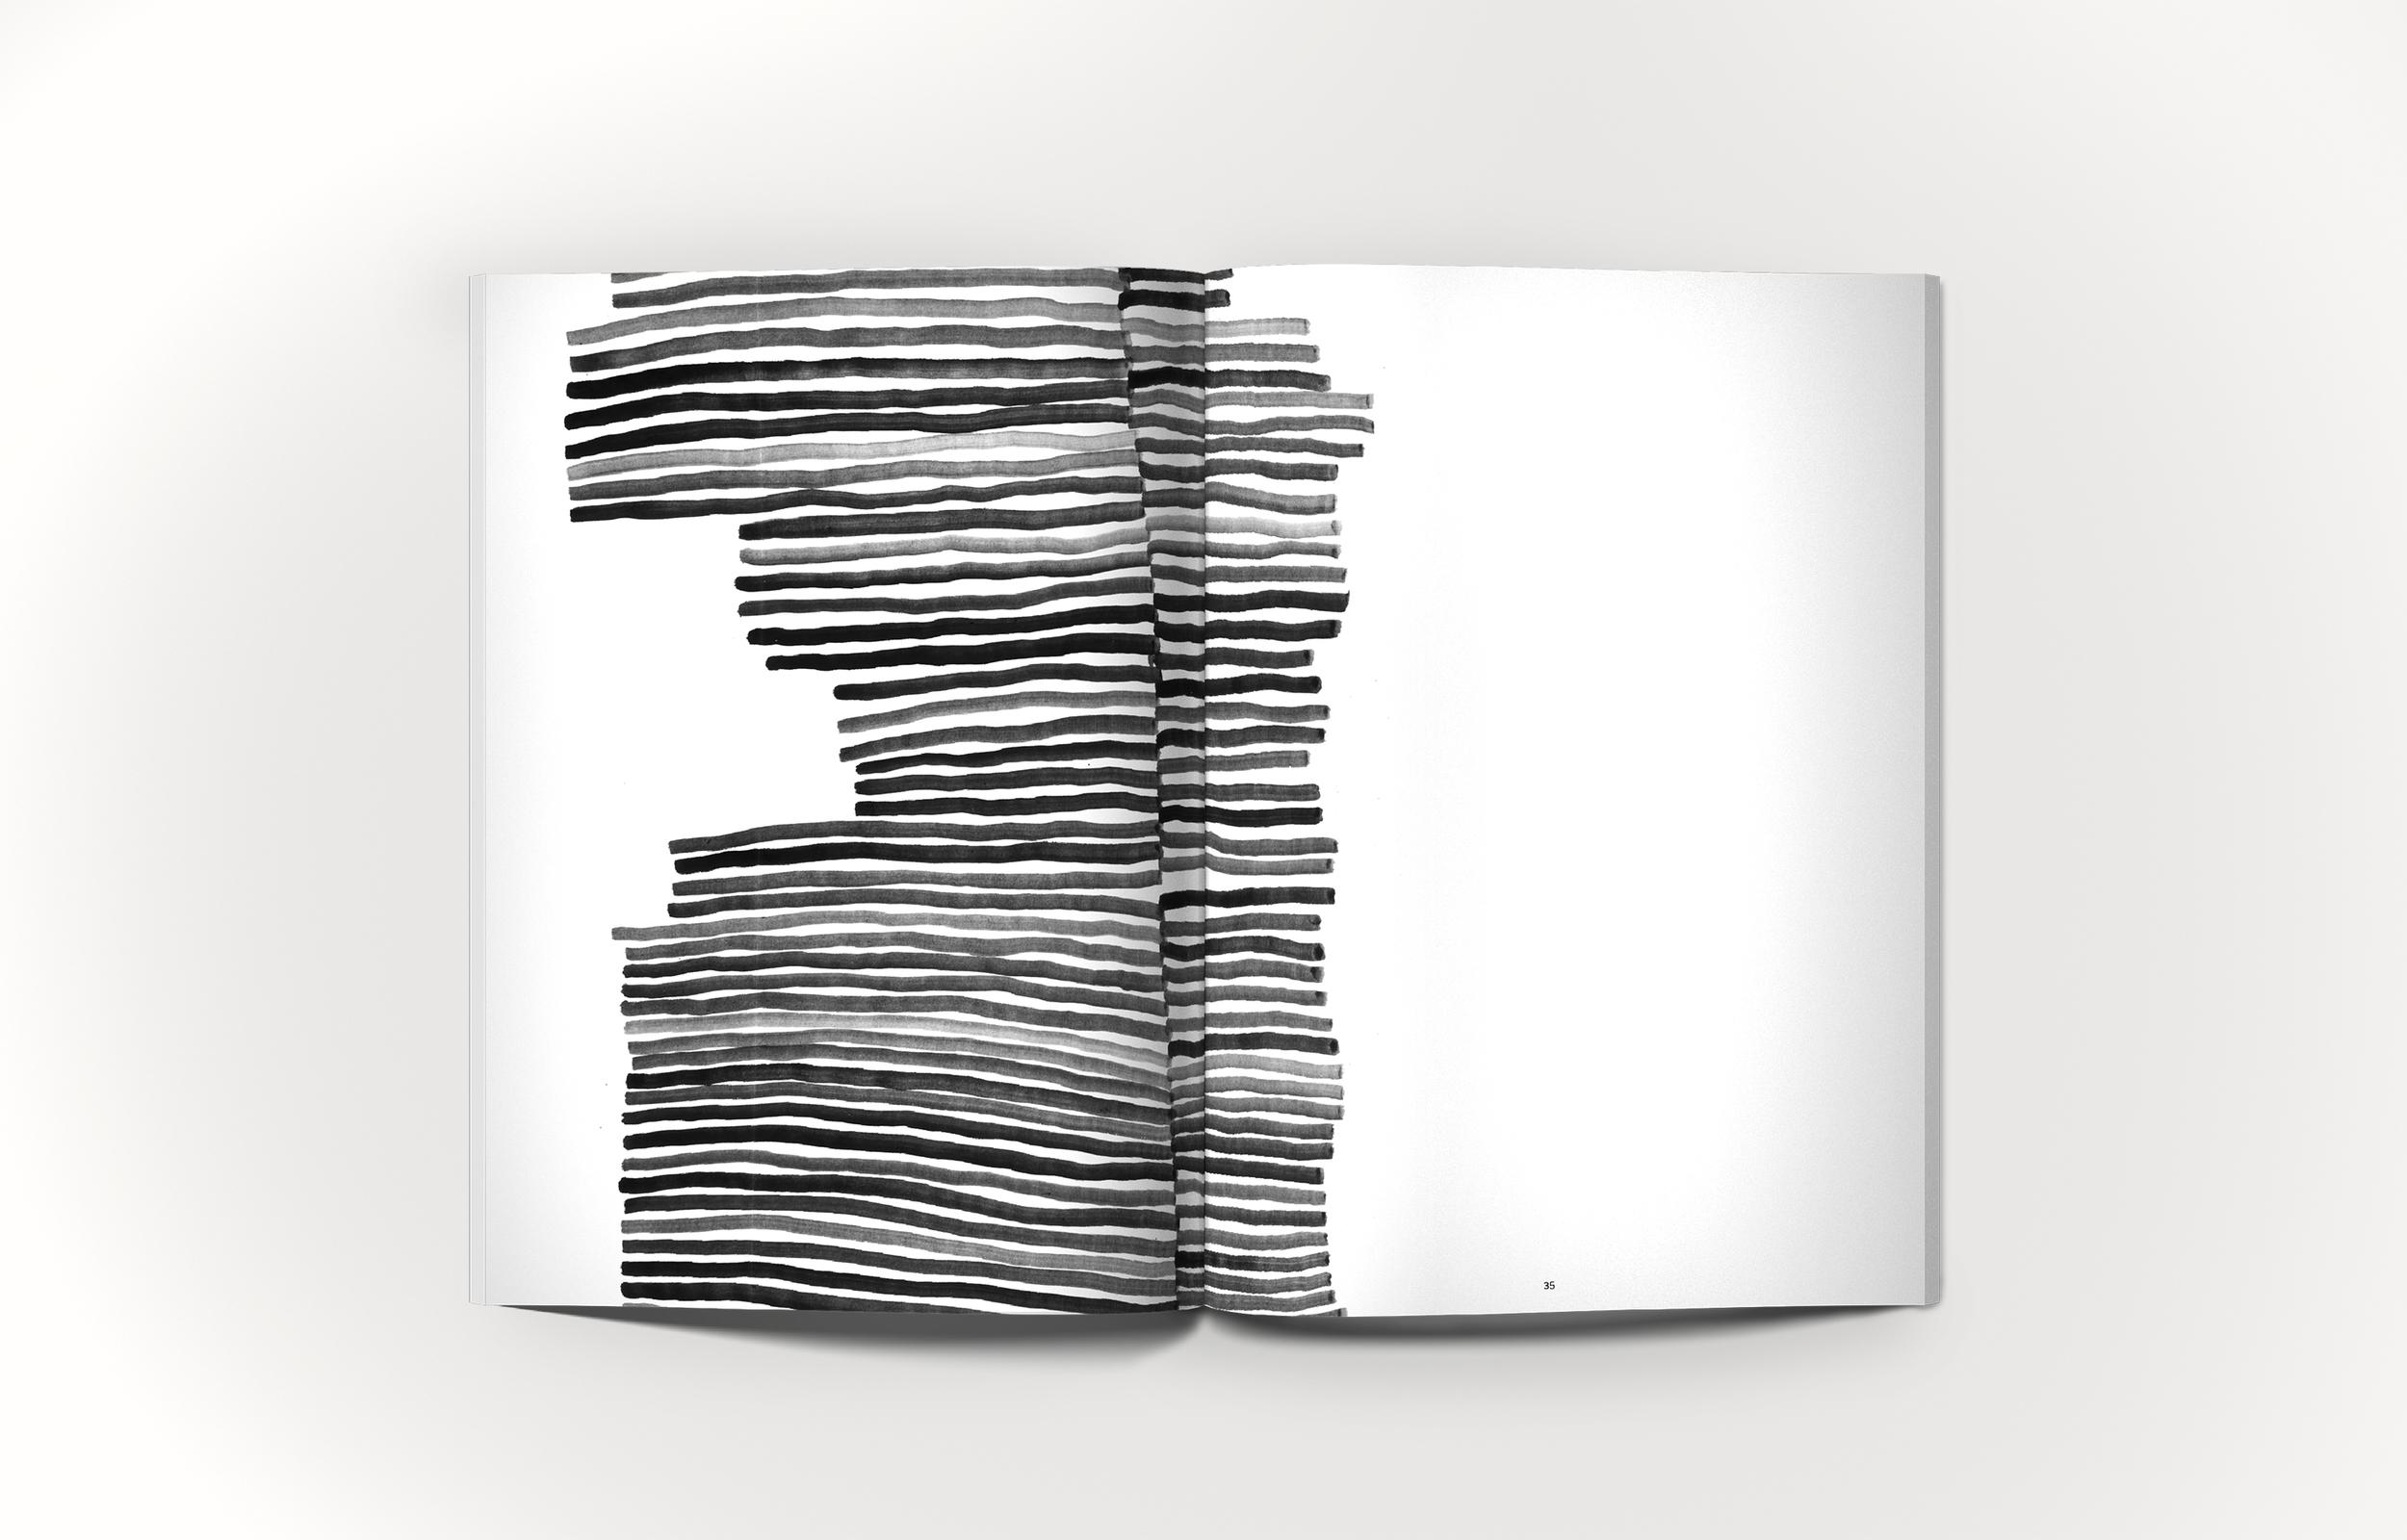 sketchbook_mockup10.jpg